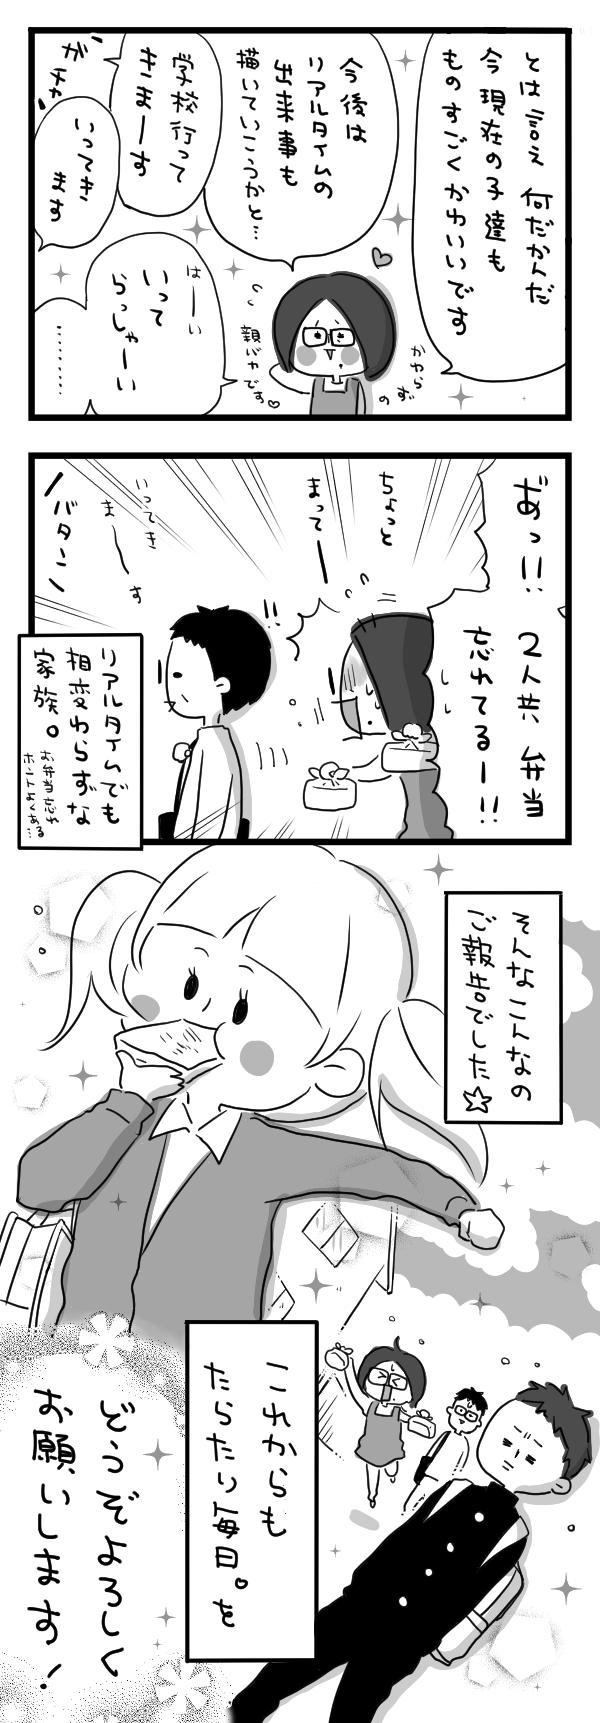 エイプリルフール3png